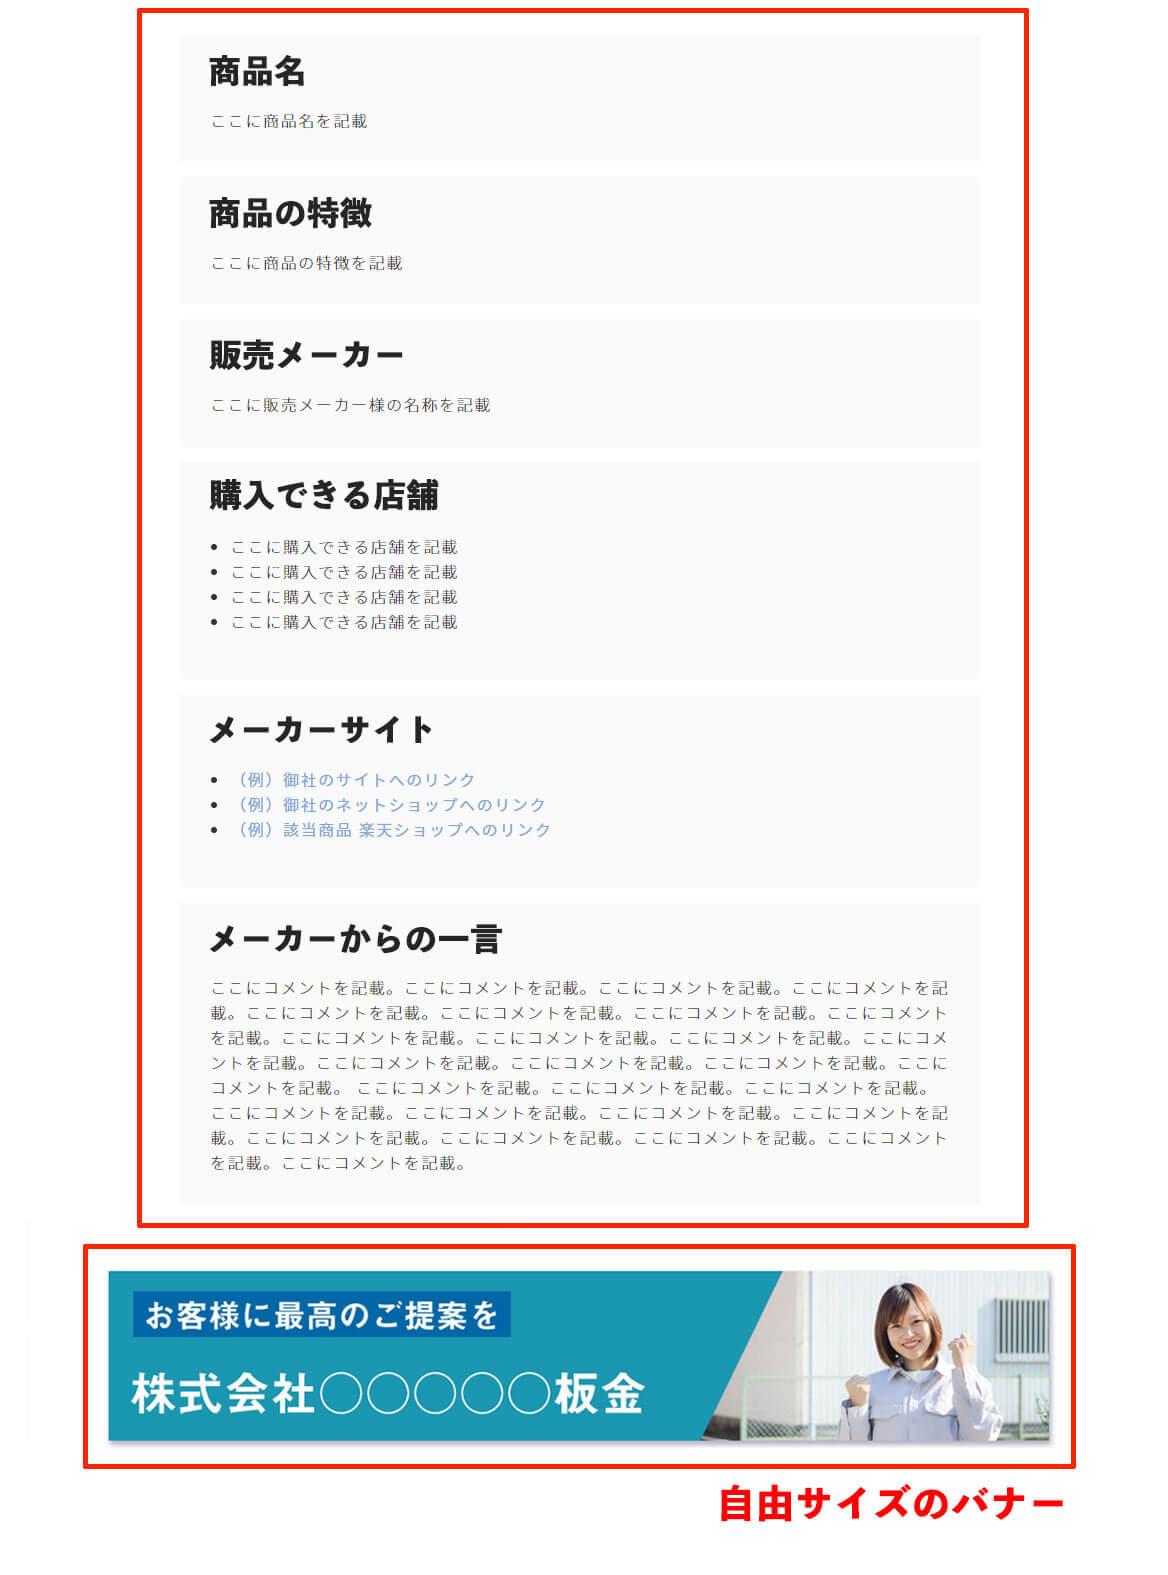 商品紹介ページの見本